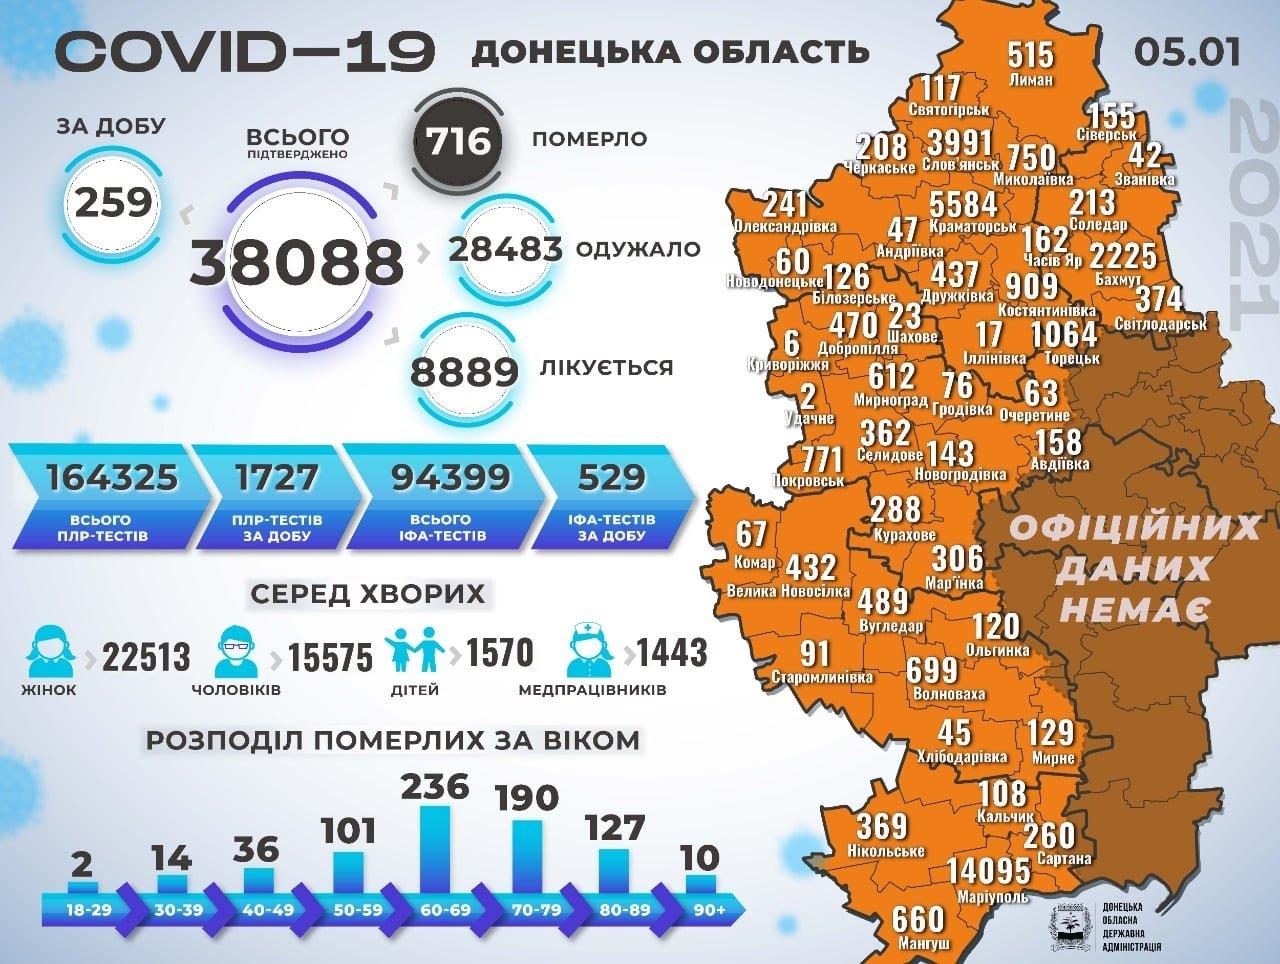 В Донецкой области 259 новых случаев коронавируса, болезнь унесла жизни восьми человек, фото-1